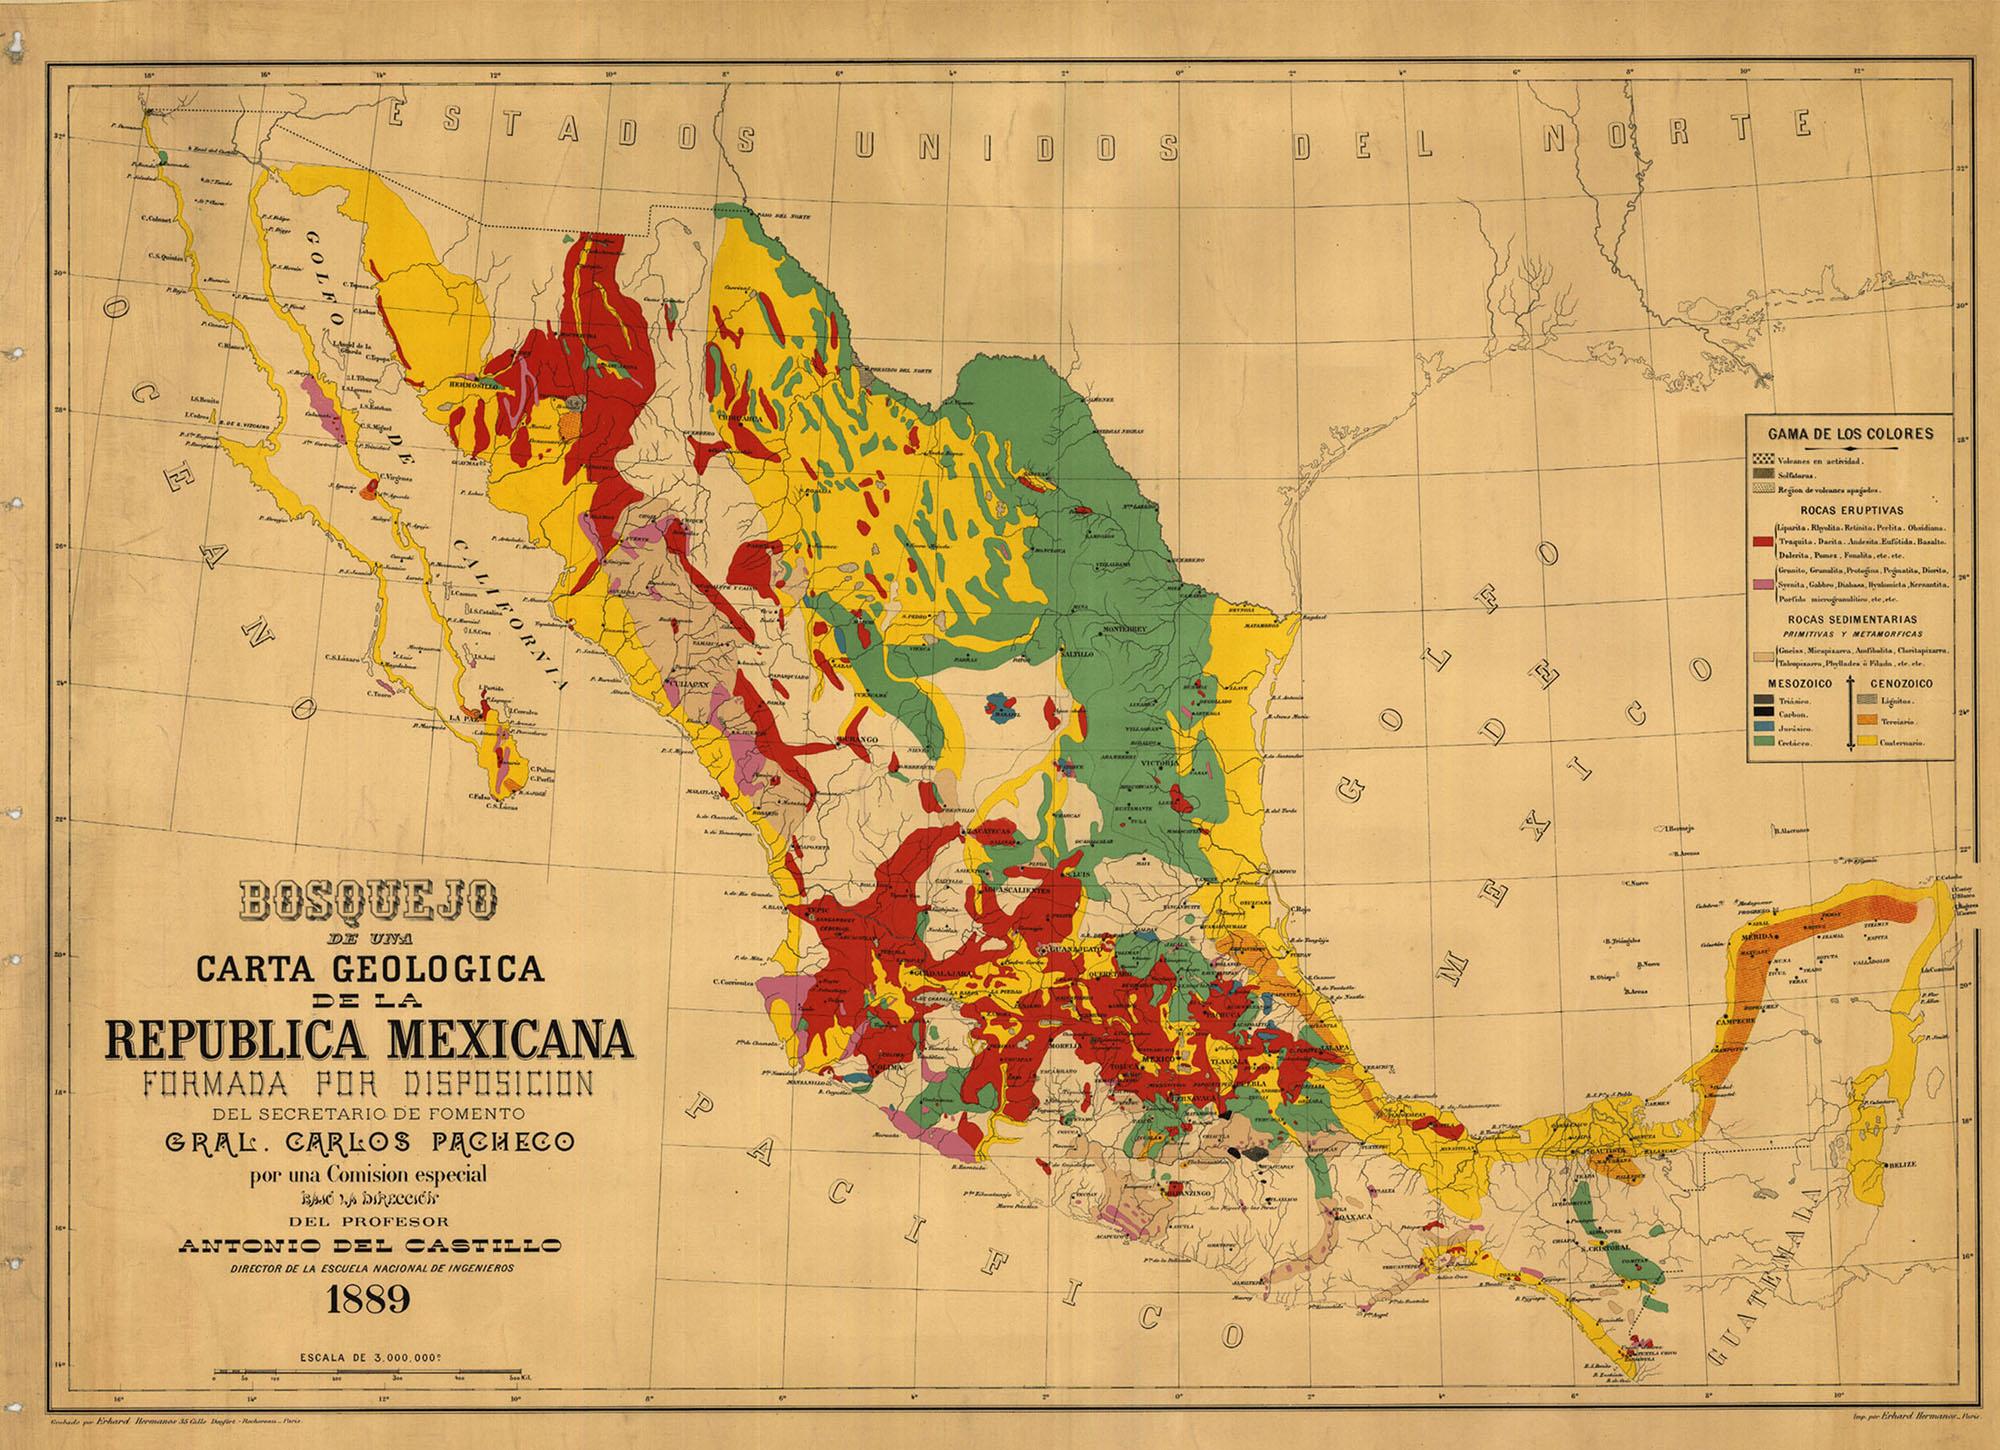 Orígenes Y Fundación Del Instituto Geológico De México Morelos